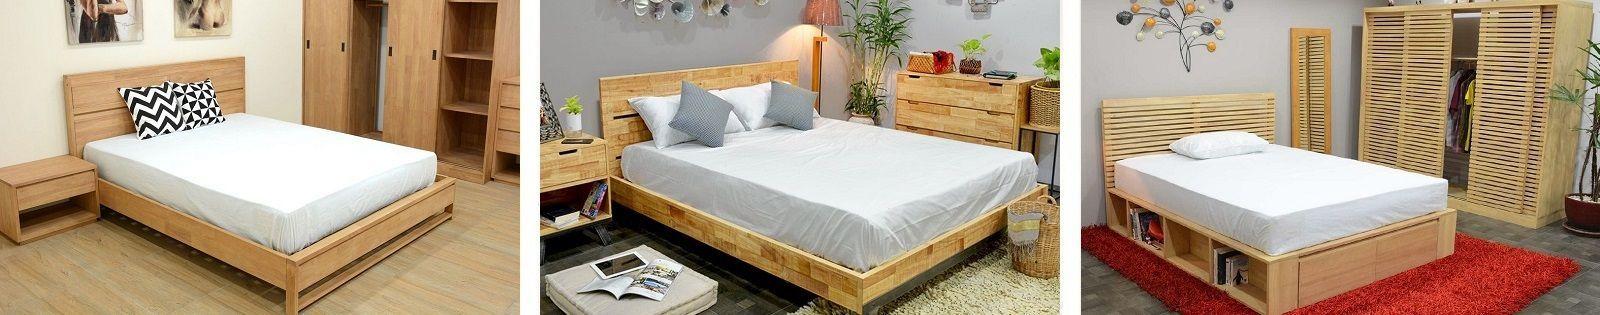 Chambre à coucher en Hévéa massif - Vente de lit, chevets et commodes - Lotuséa